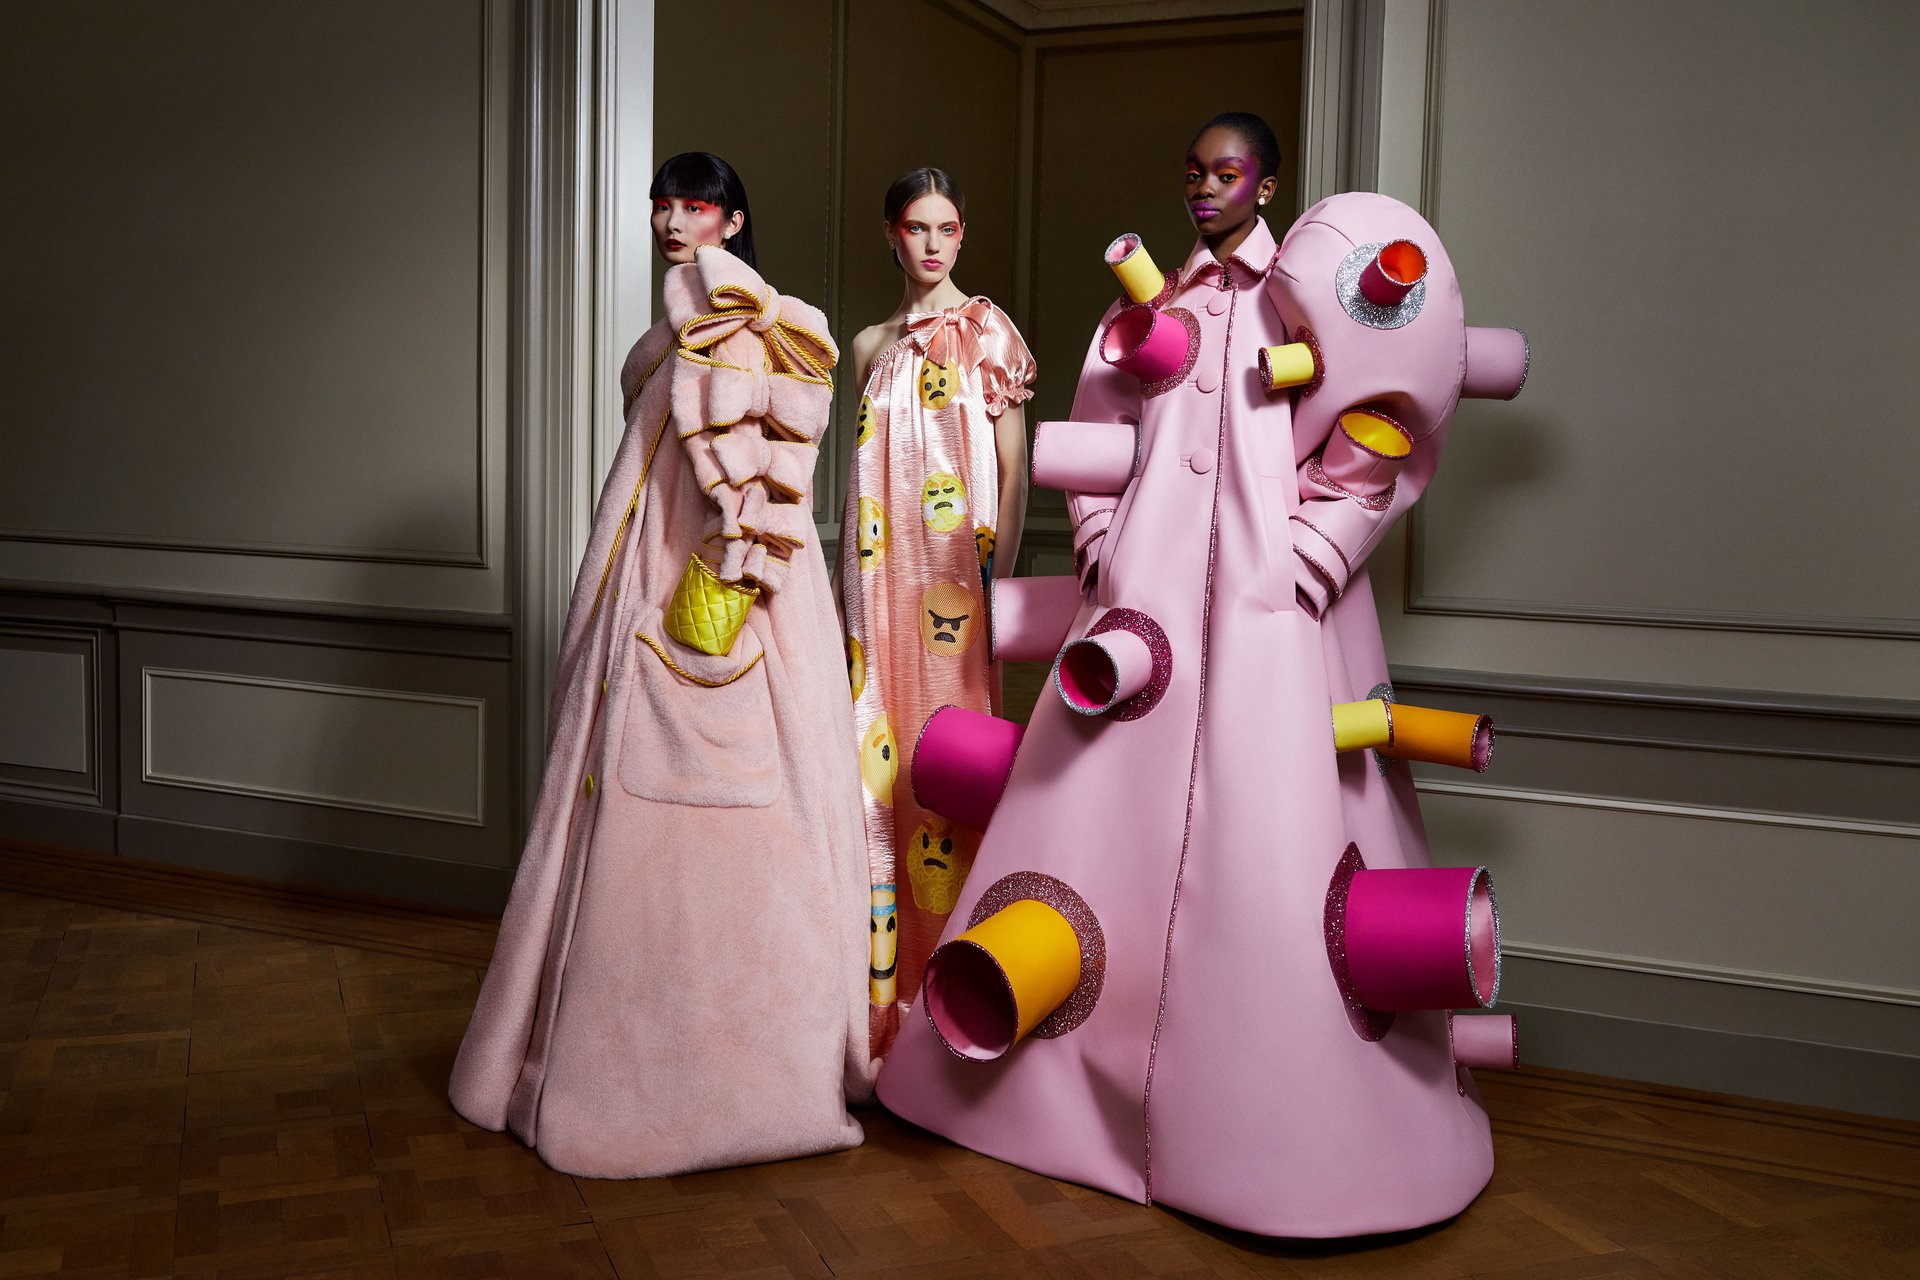 Viktor & Rolf representa a través de la ropa las etapas emocionales que todos hemos atravesado por la pandemia